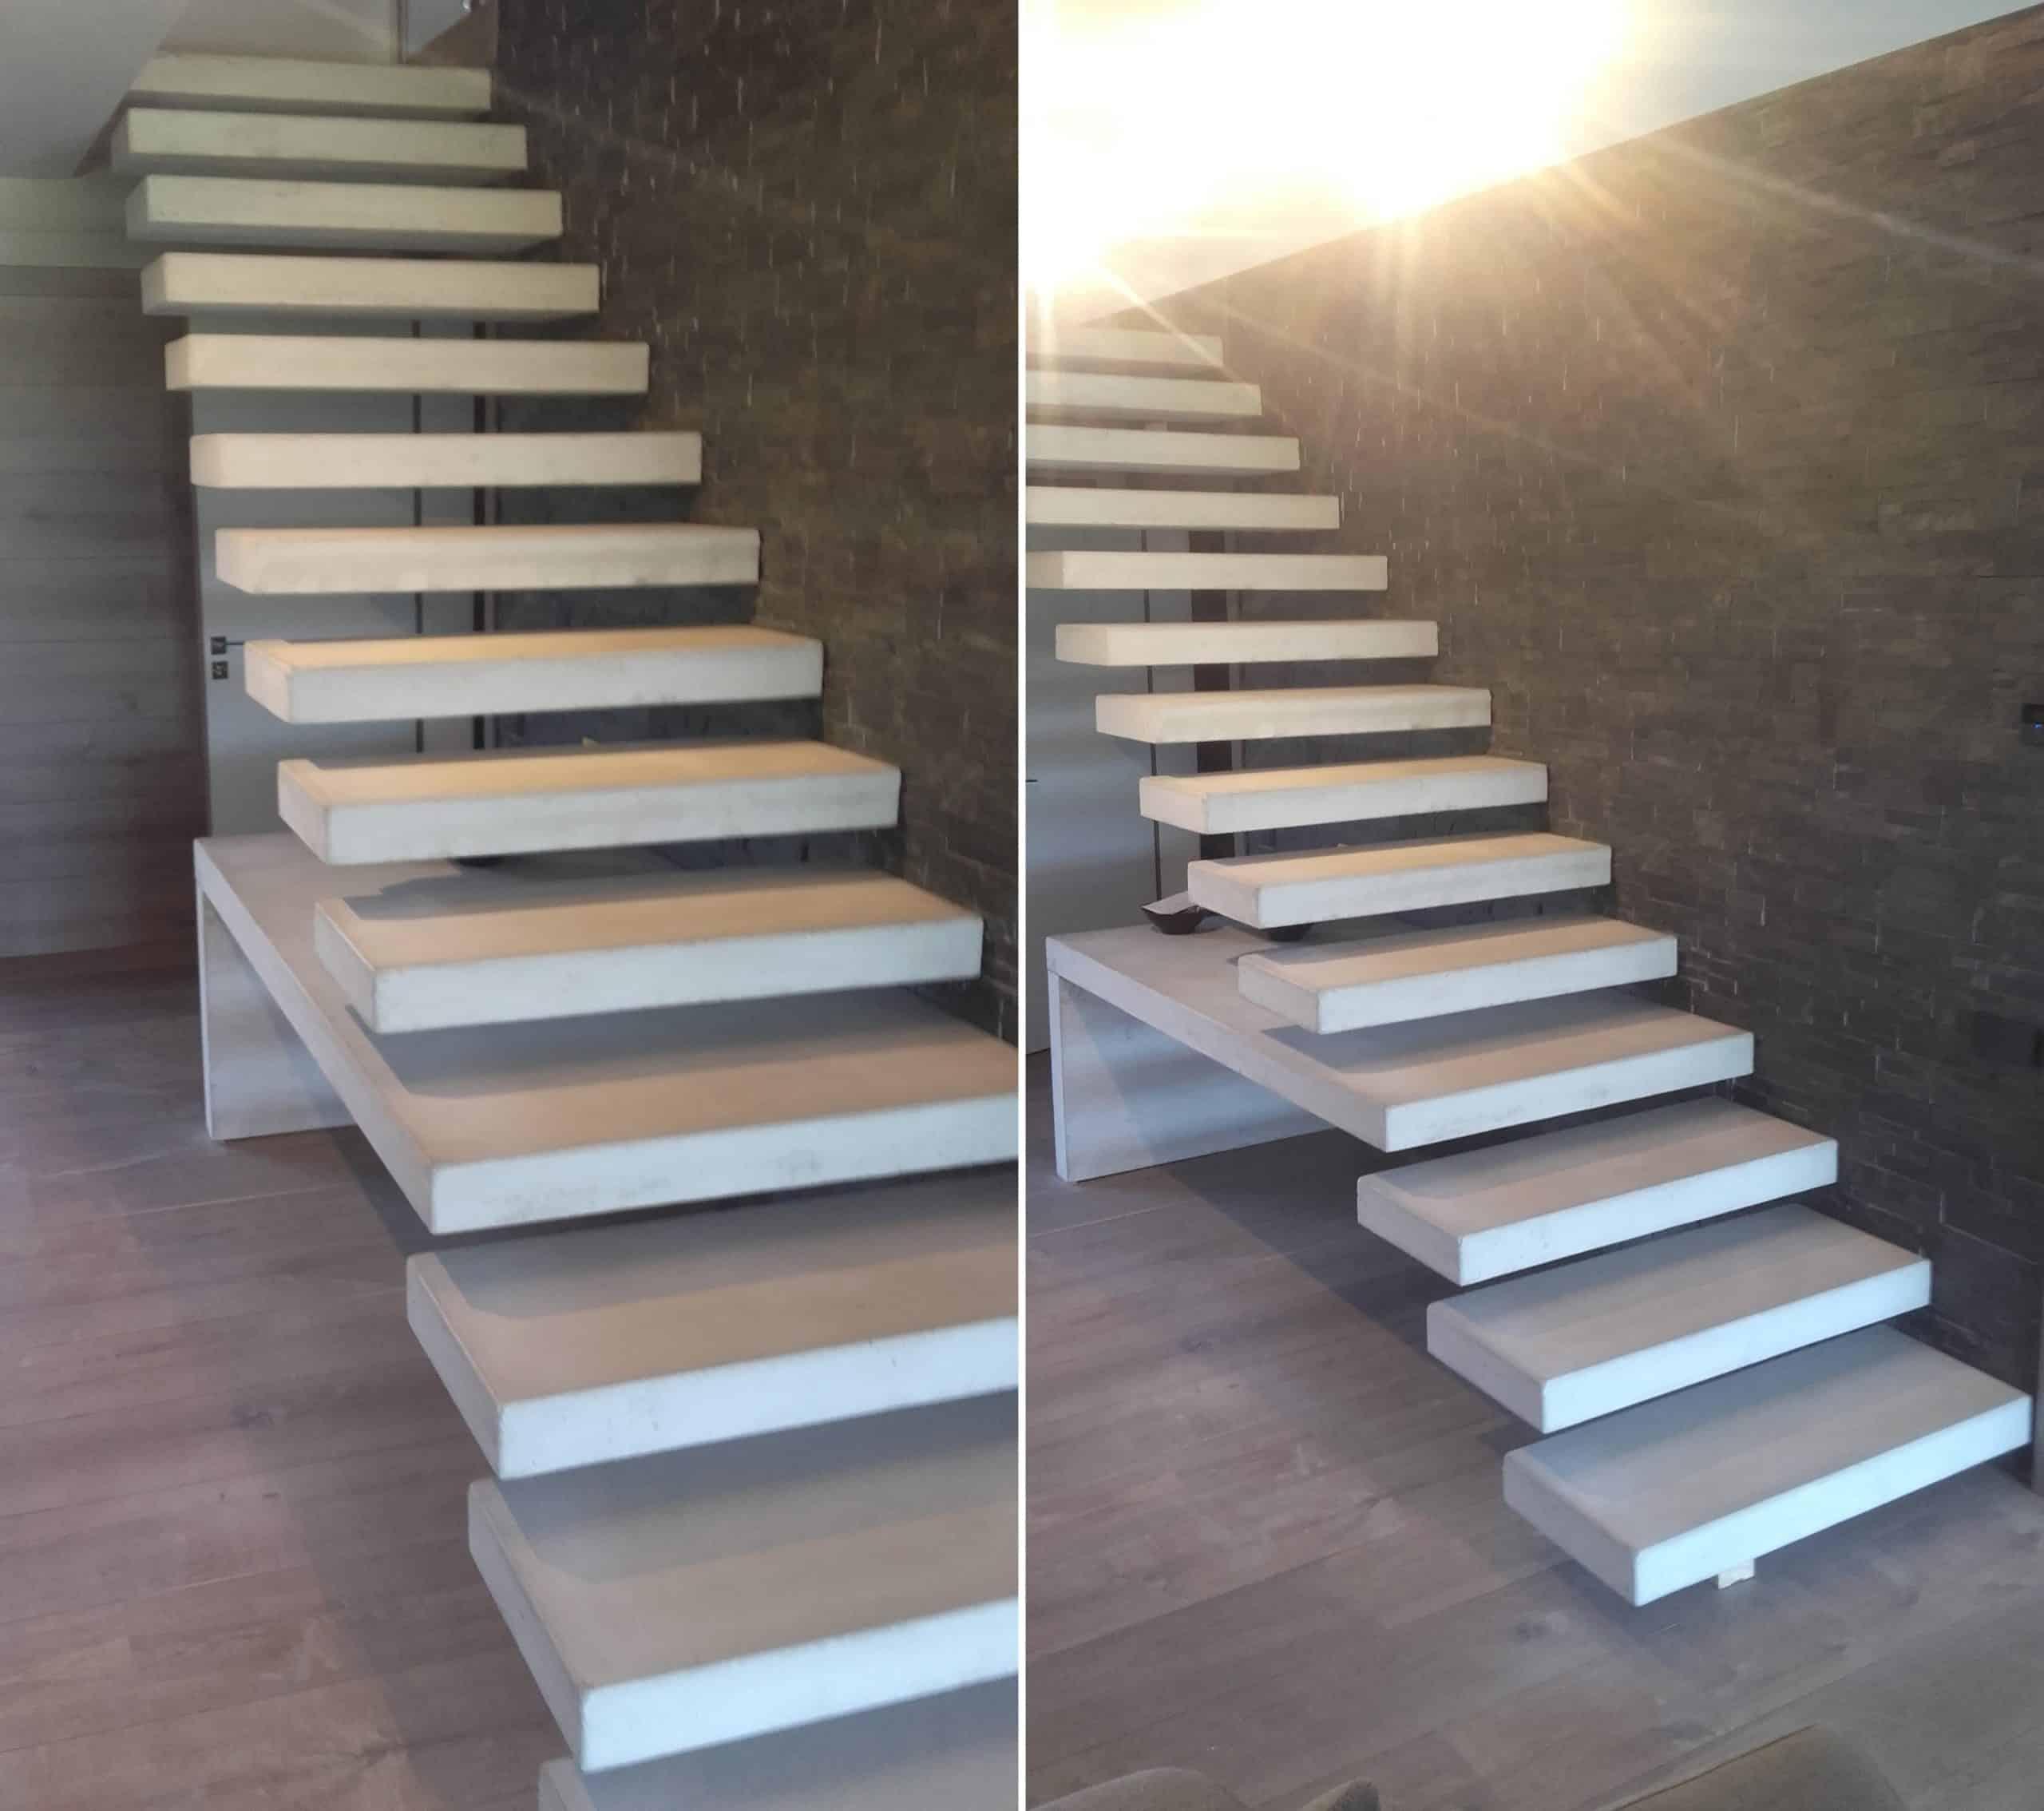 Escalera de hormig n empotrada predecat - Escaleras de ladrillo ...